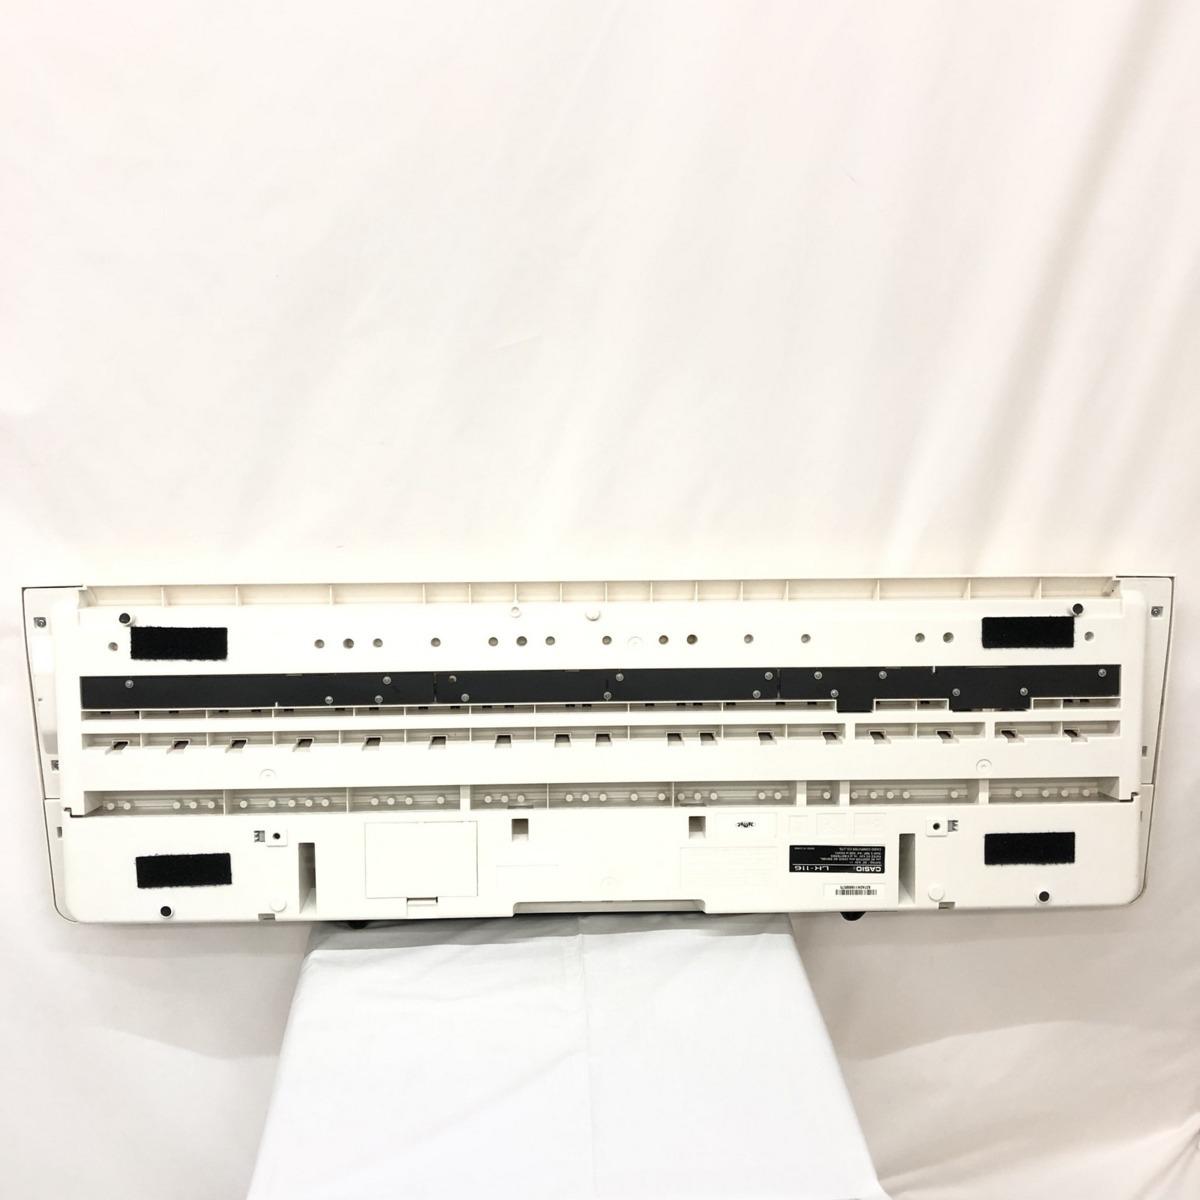 中古 CASIO カシオ 電子キーボード LK-116 61鍵盤 光ナビゲーション 電子ピアノ ホワイト ブラック 鍵盤楽器 アダプター付き H15204_画像2